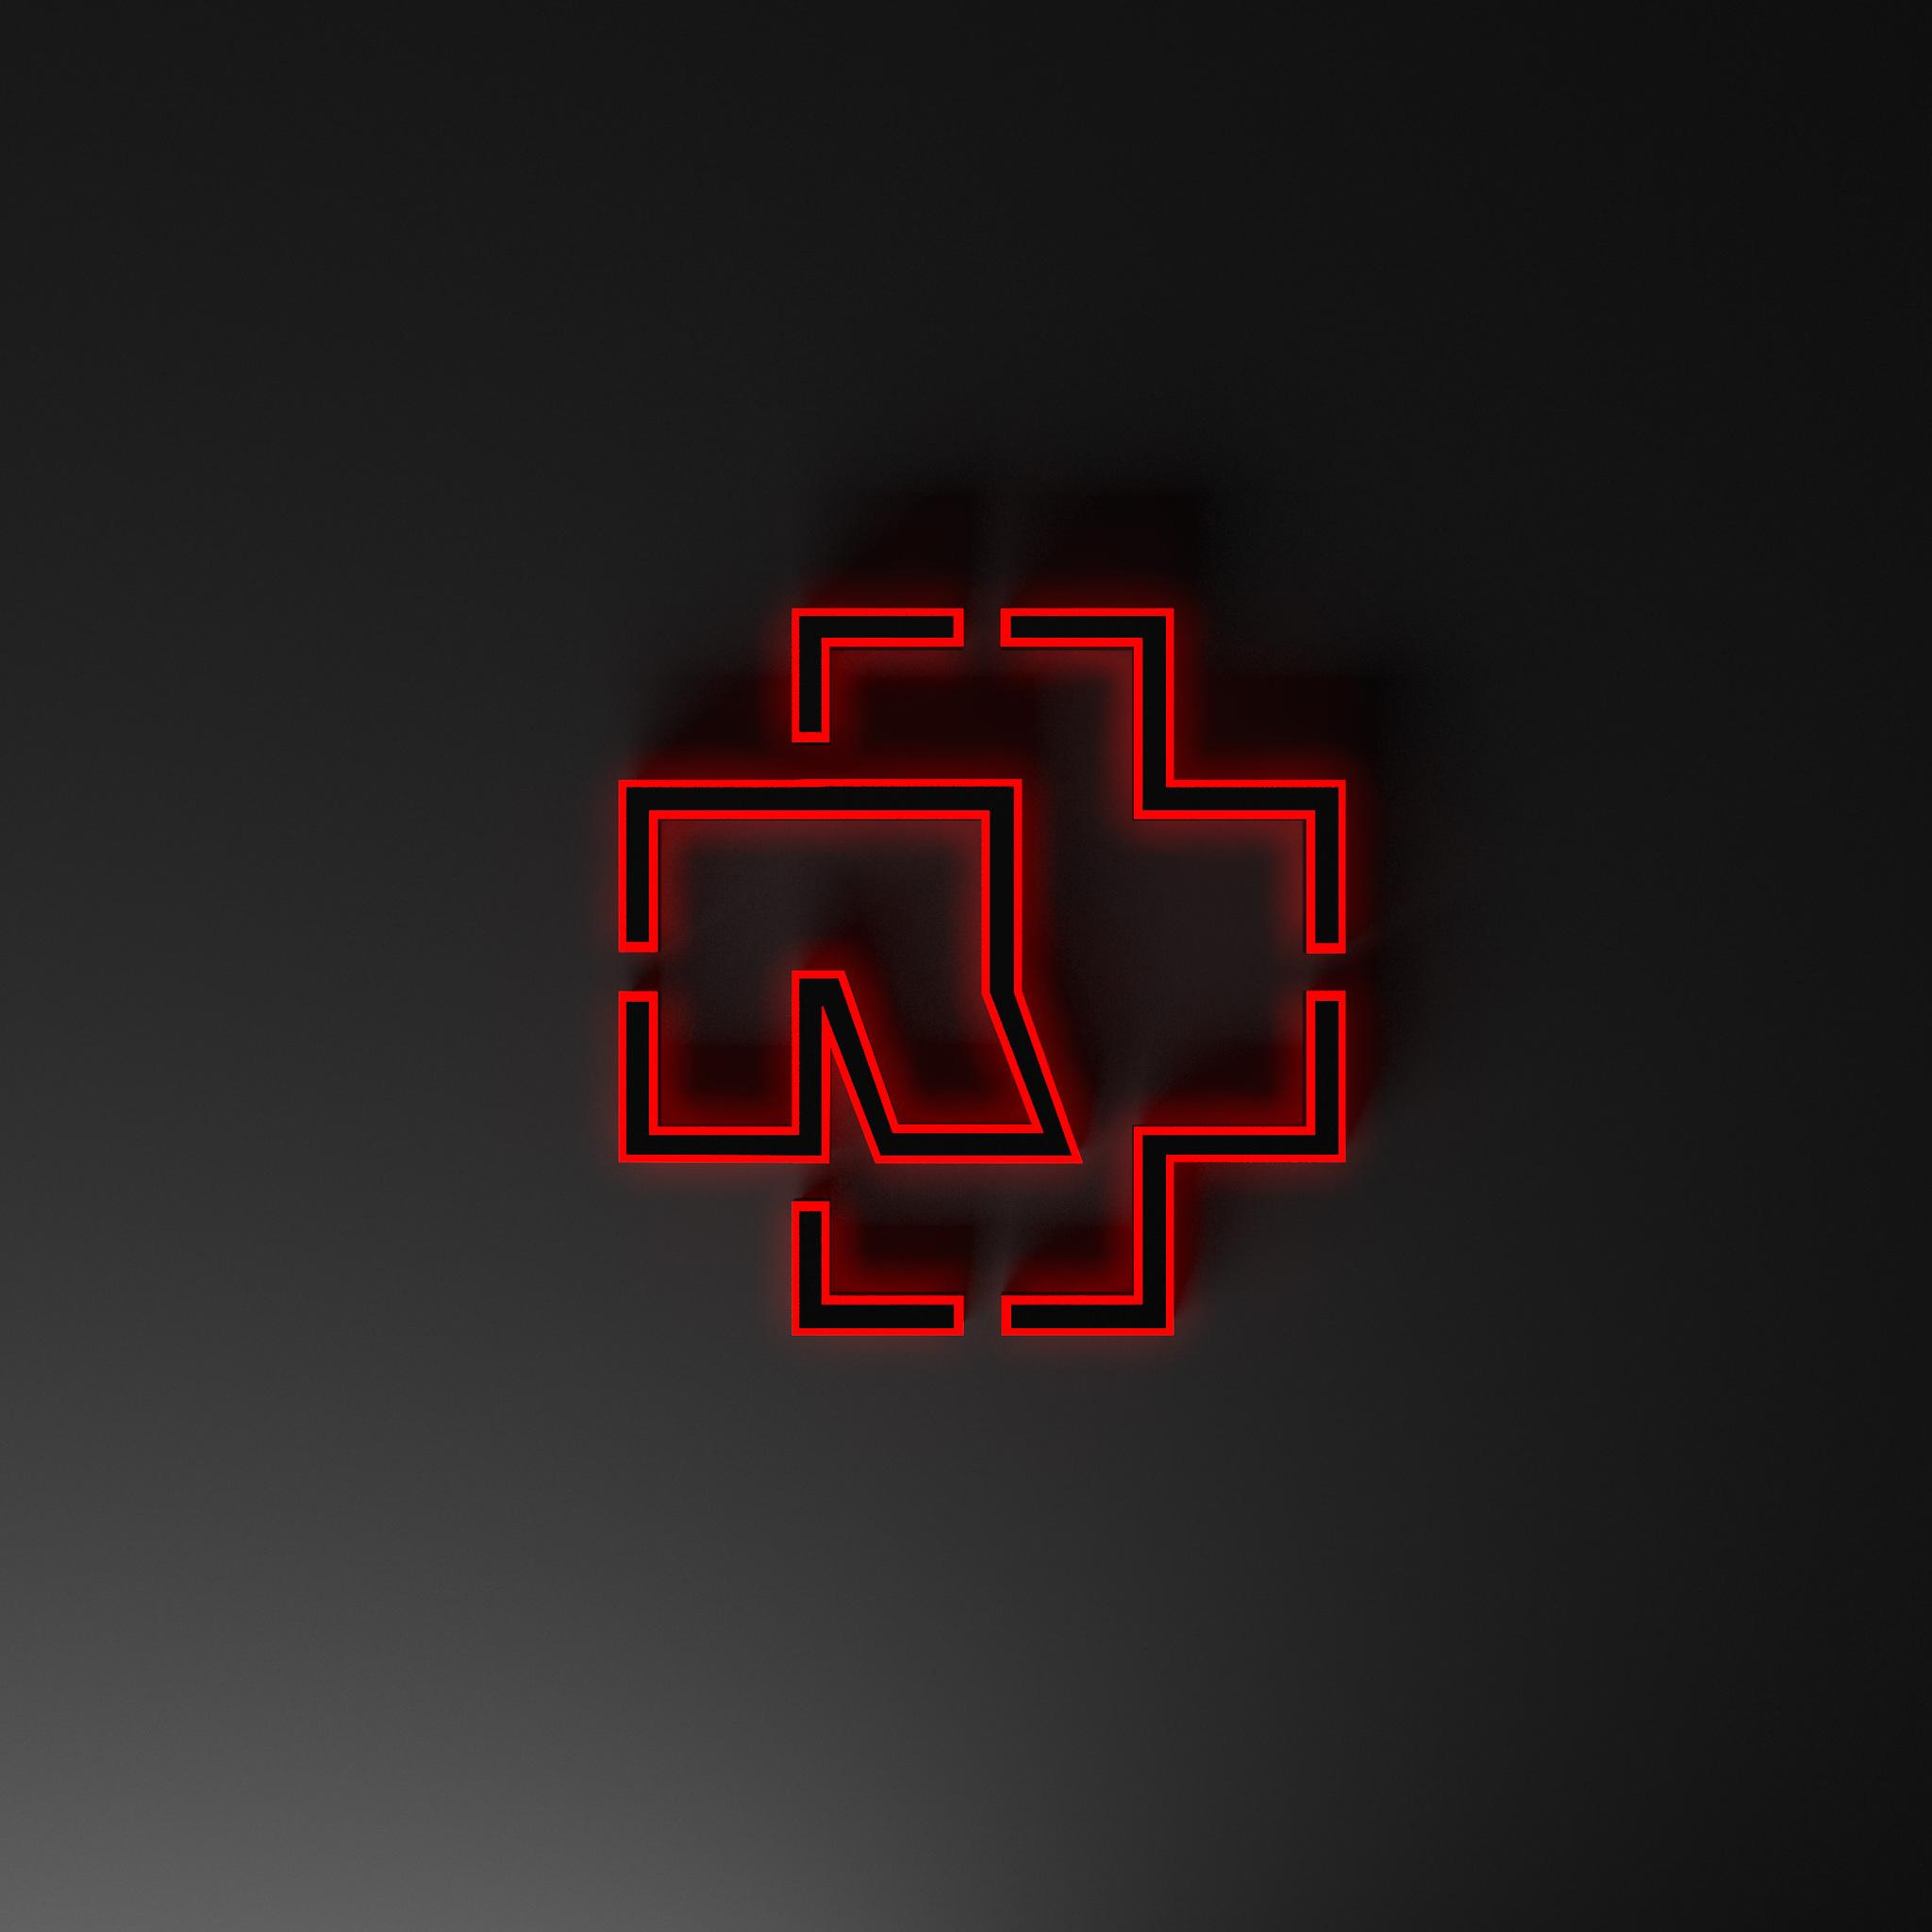 новым логотип рамштайн фото чтобы пропустить